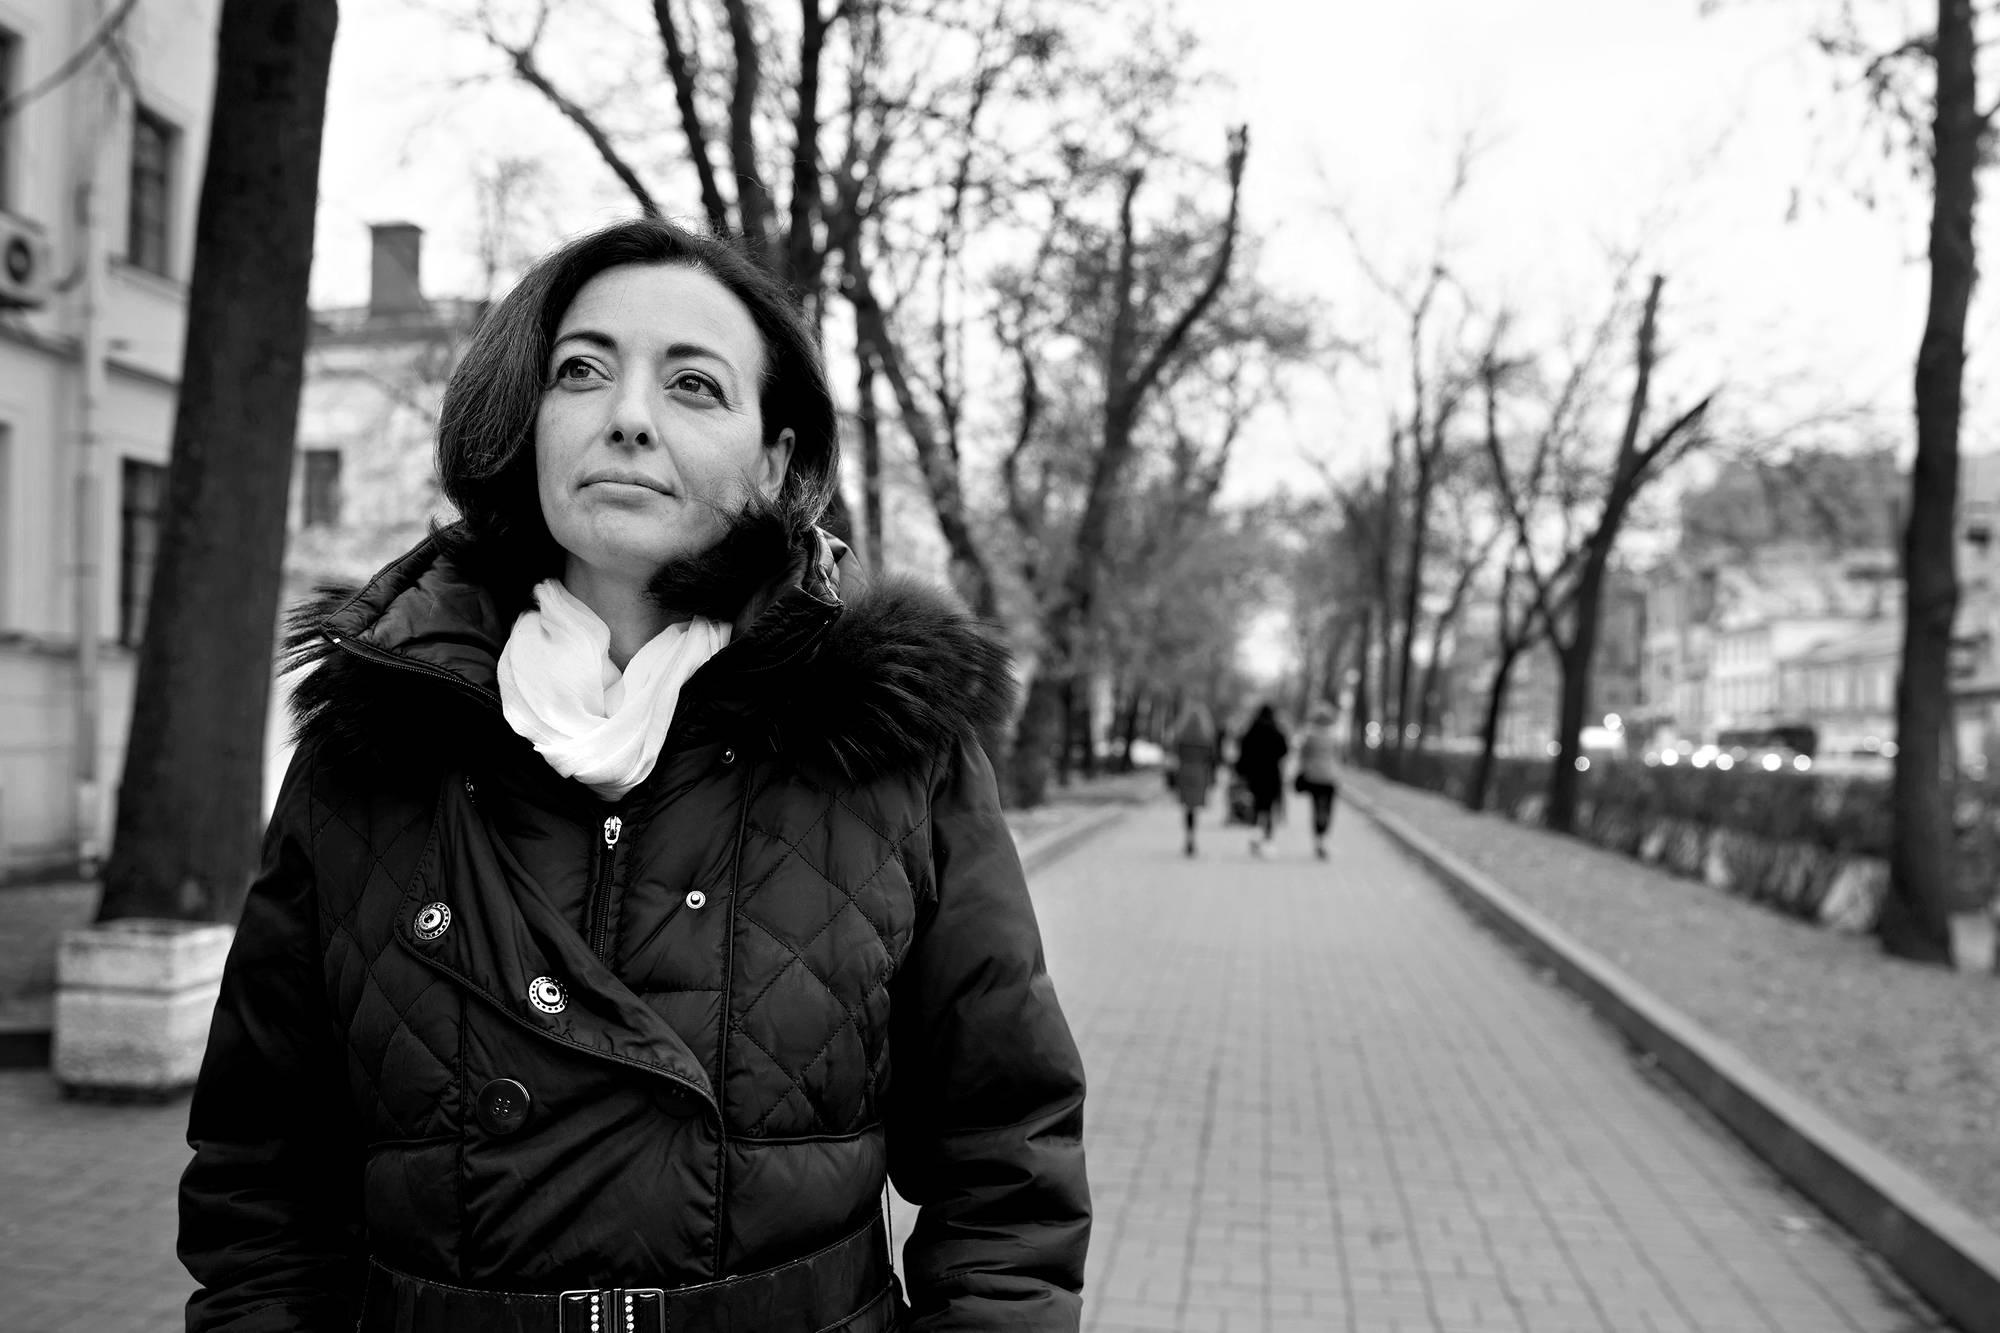 Olga Jeremejeva sai hivin entiseltä mieheltään, joka kuoli 2015.